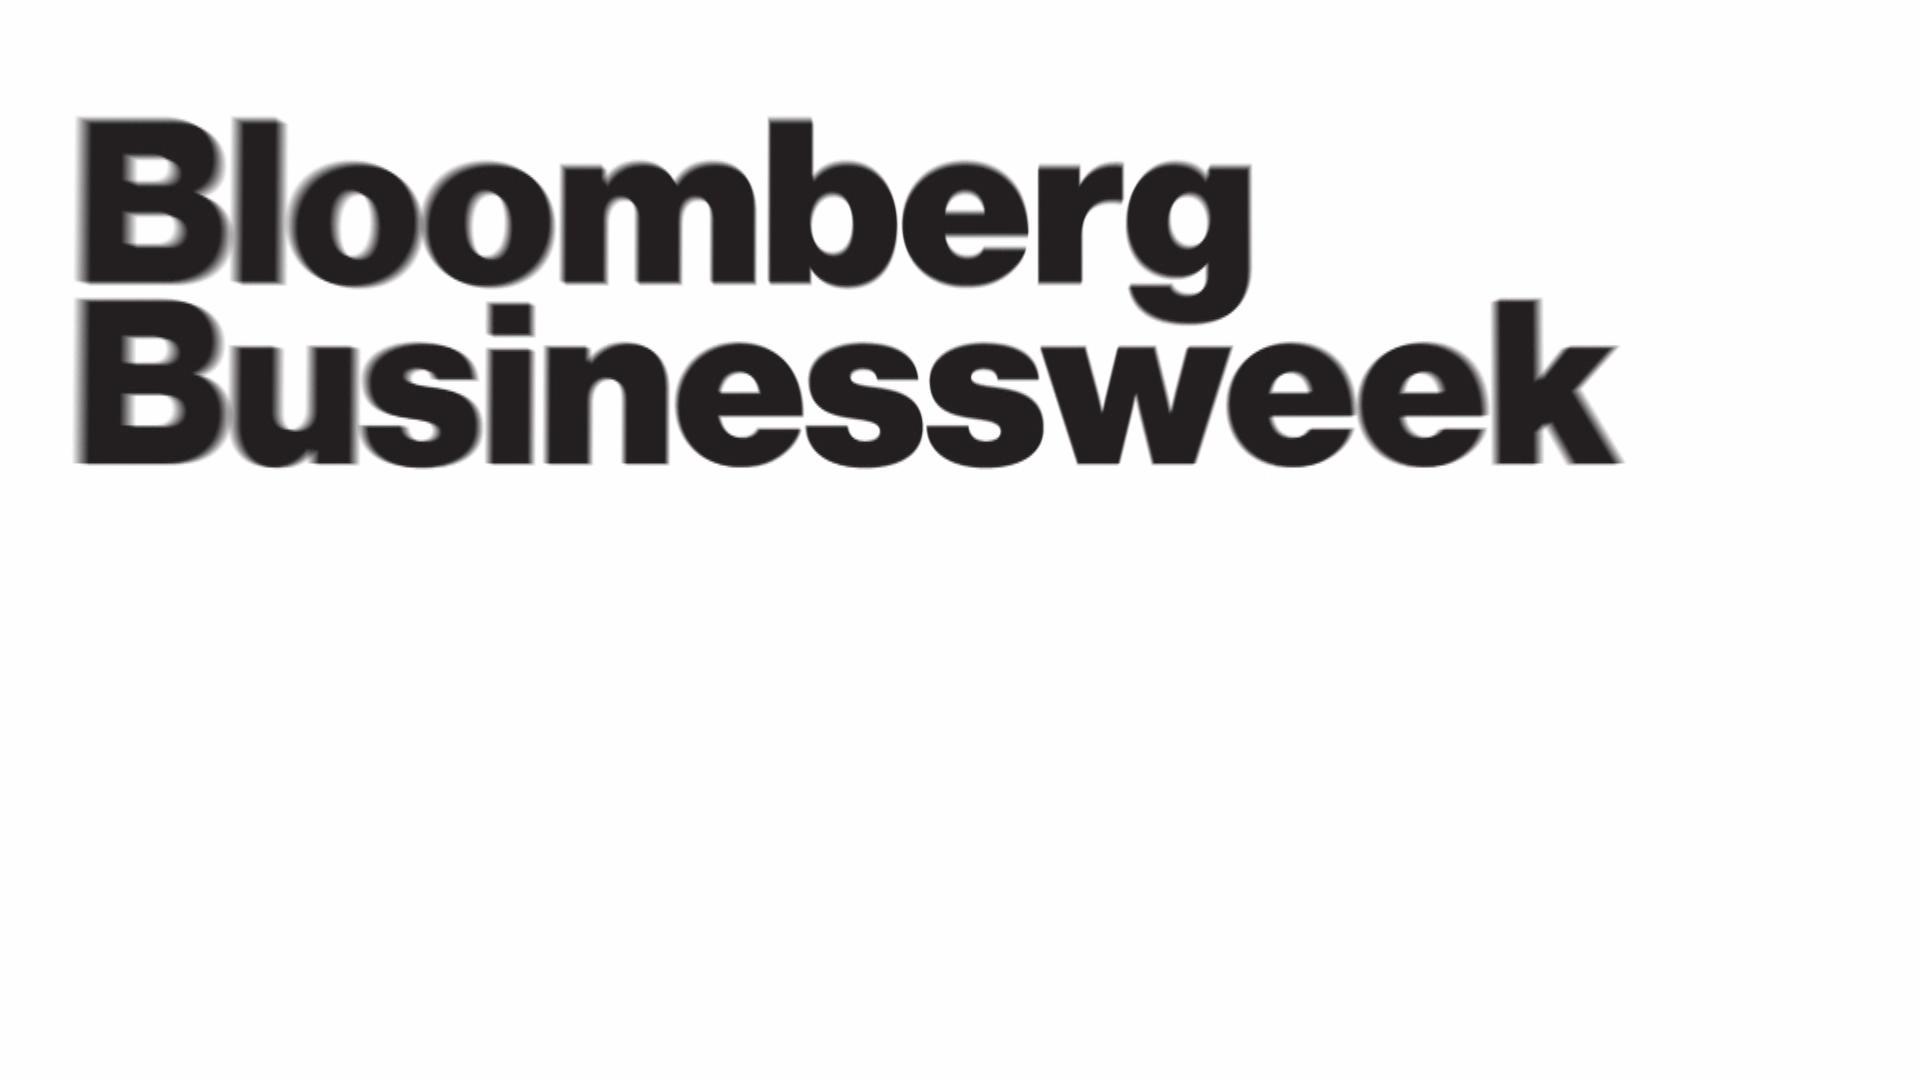 Bloomberg BusinessWeek - Week Of 09/06/19 - Bloomberg